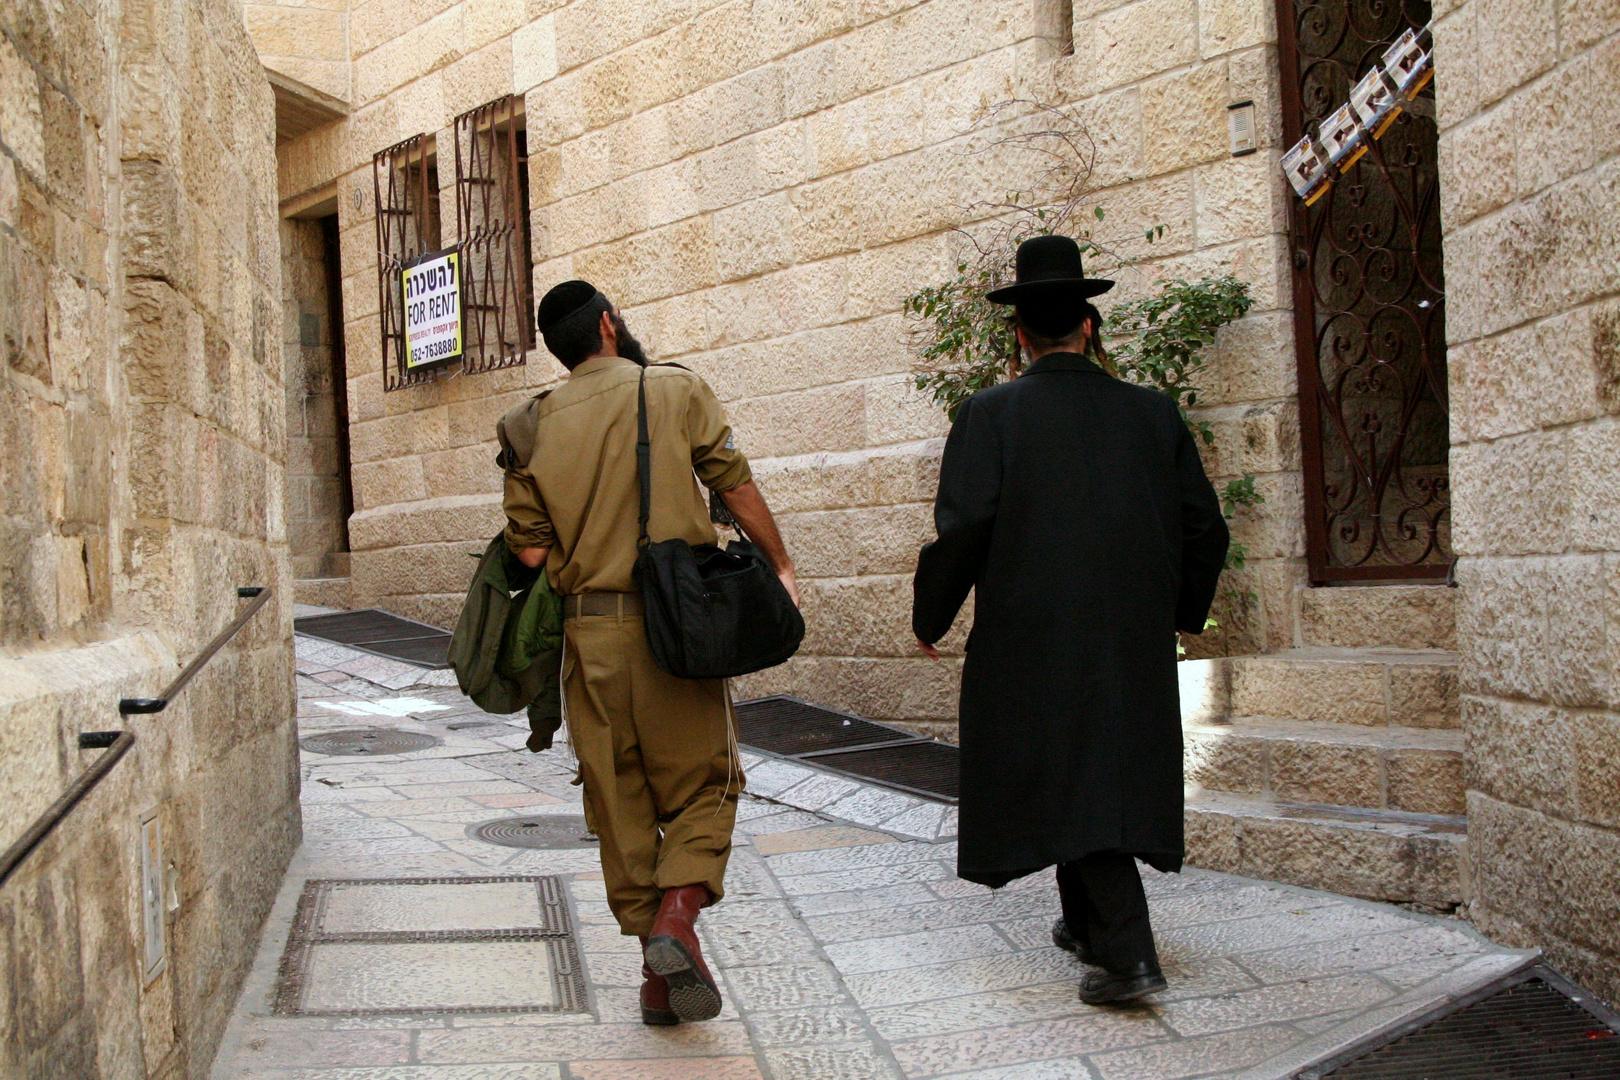 Walking through Jerusalem